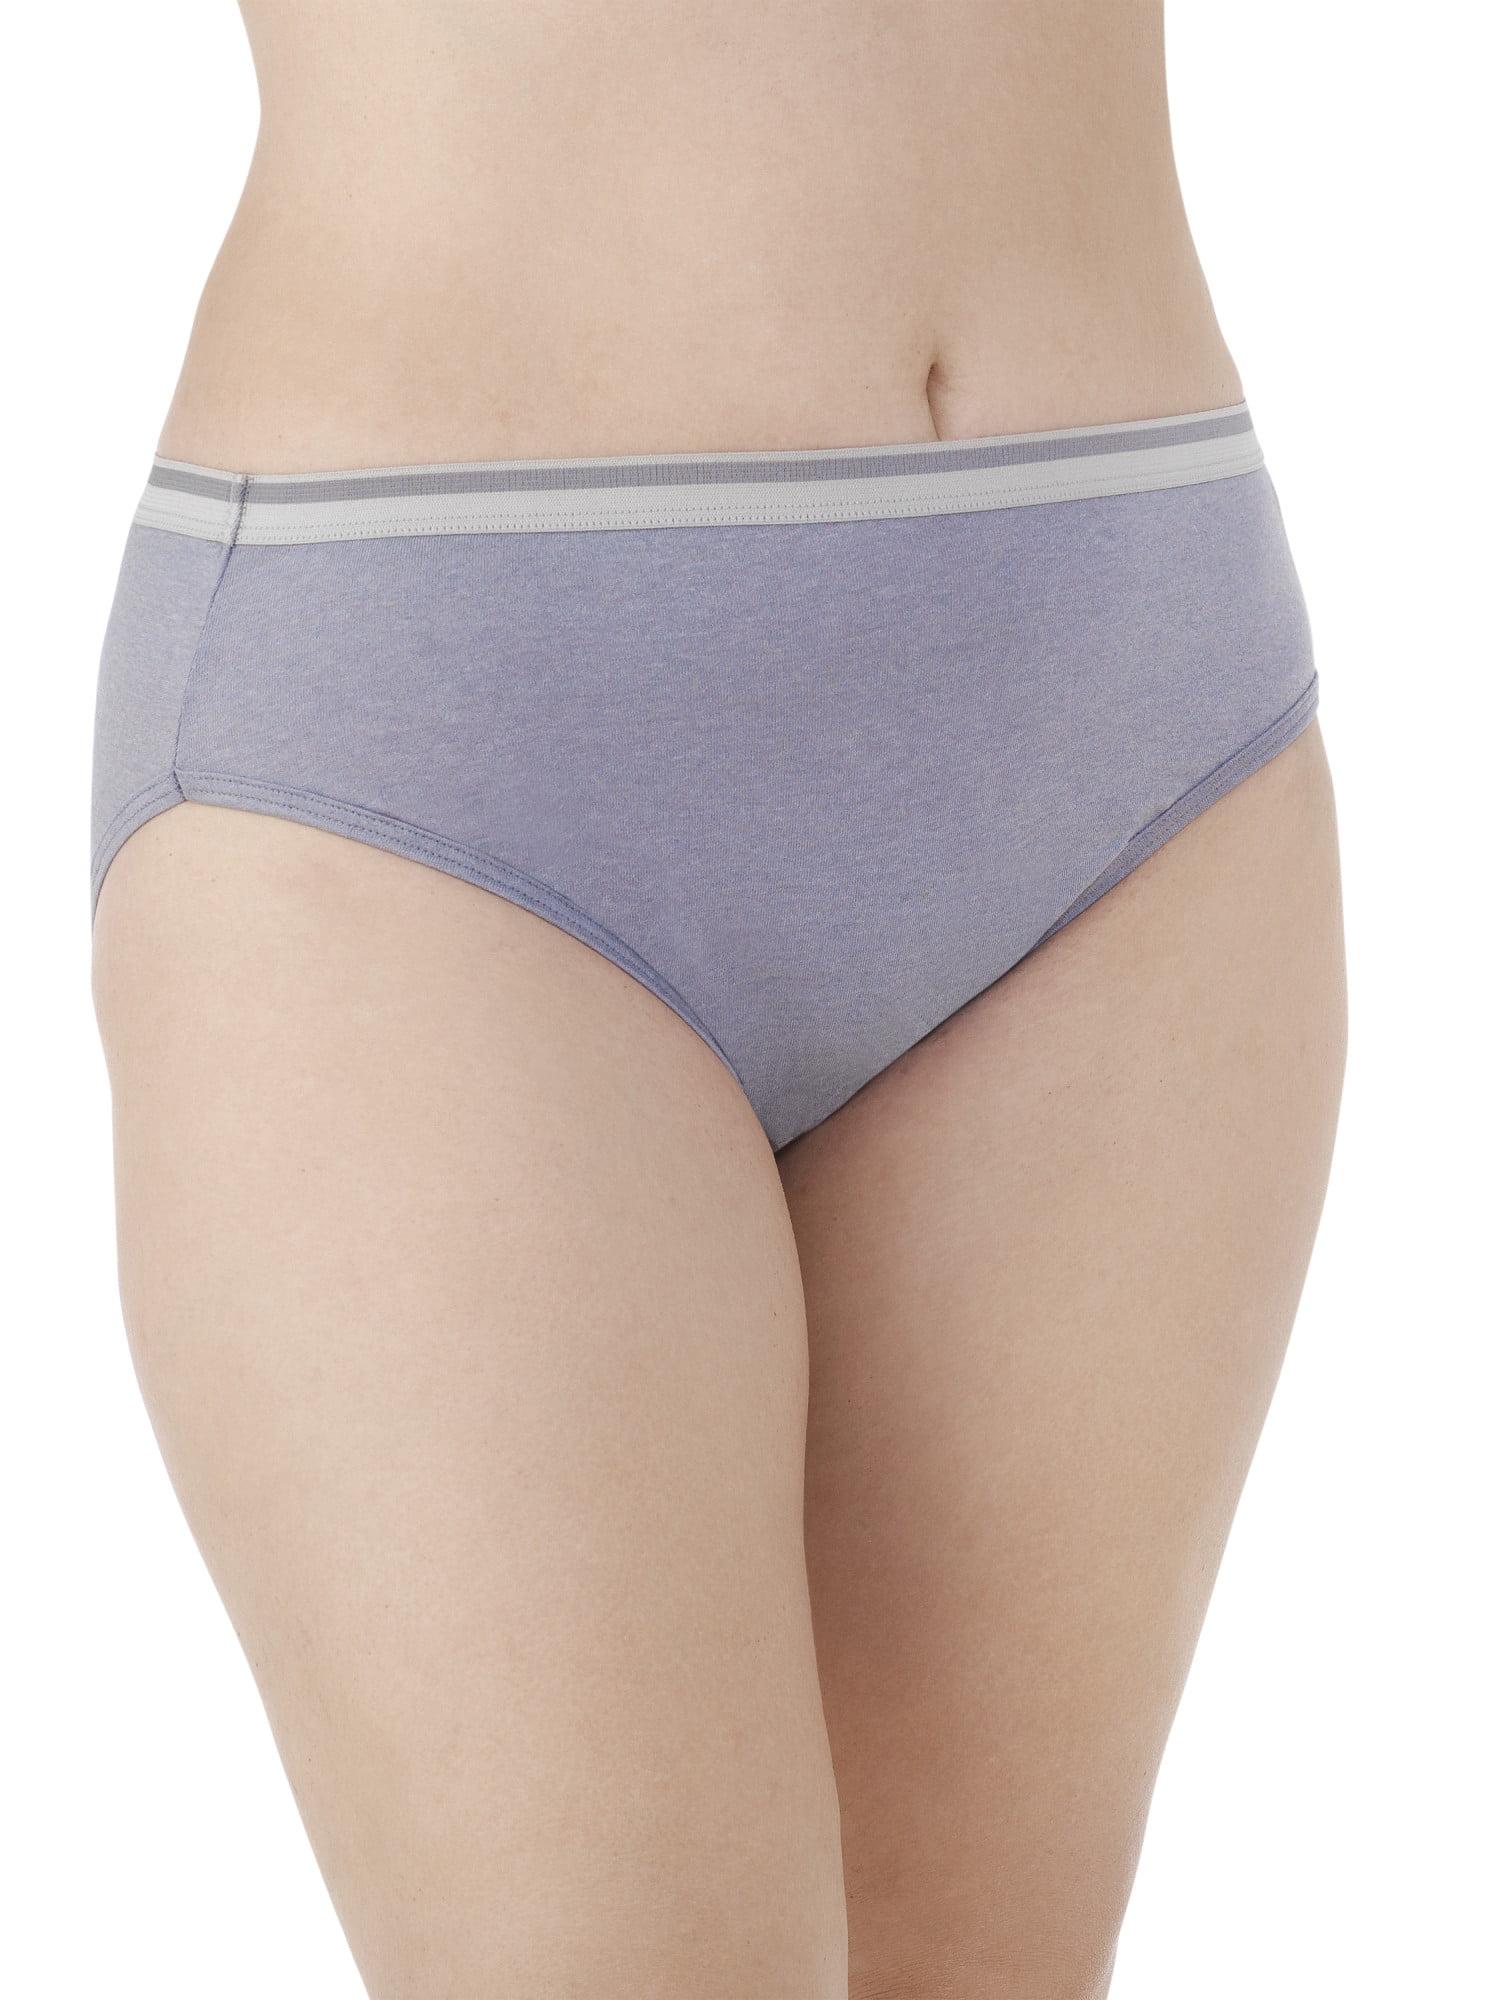 4d1cec07274 Fit for Me by Fruit of the Loom Women's Plus Heather Cotton Hi-Cut Panties